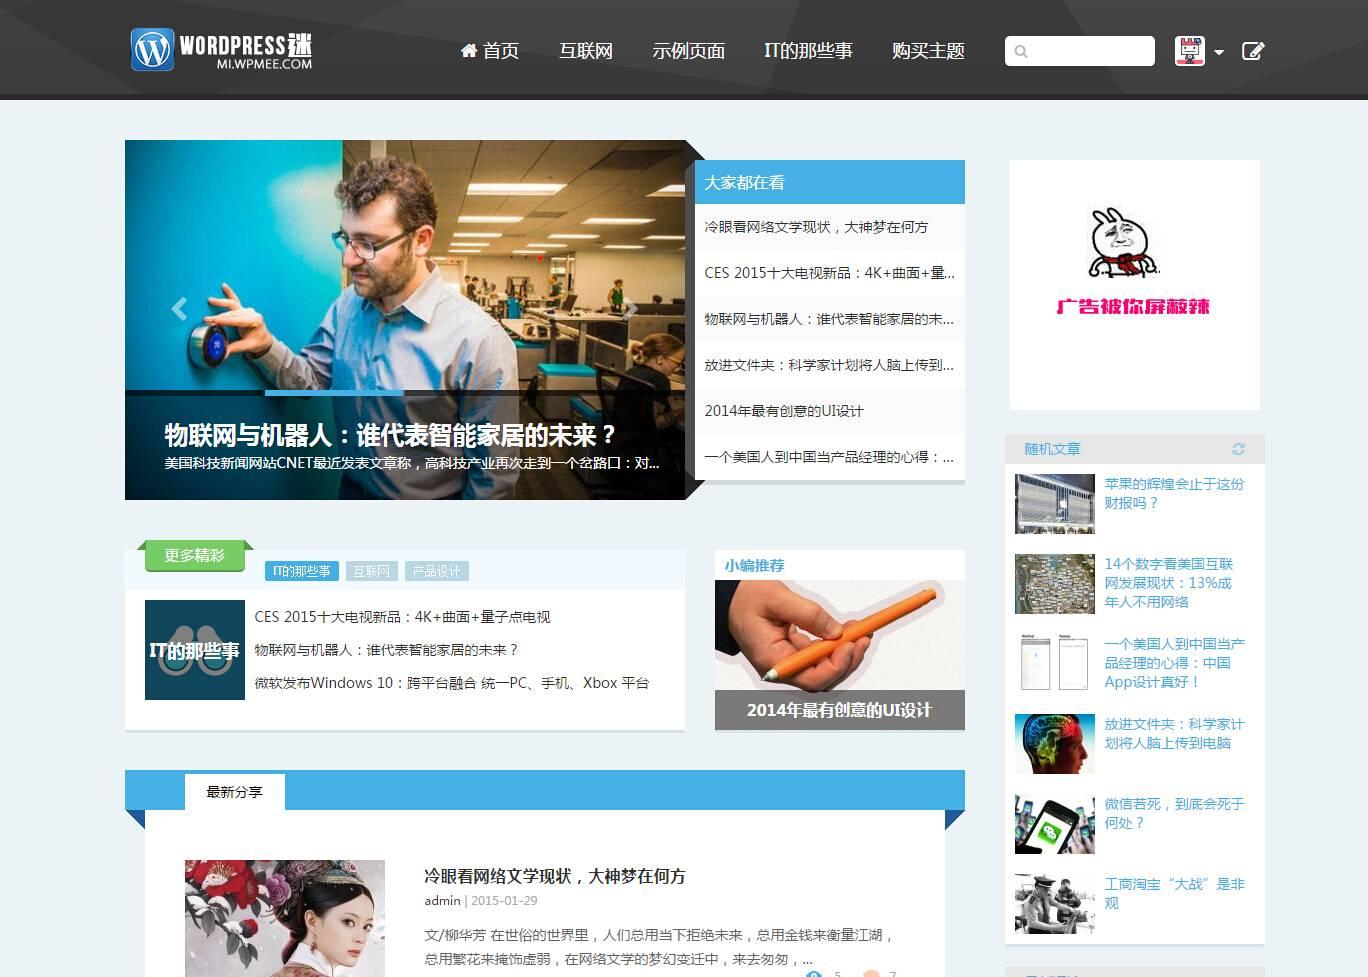 付费主题推荐:NewMi - 蓝色调科技范WordPress博客主题-WP酷